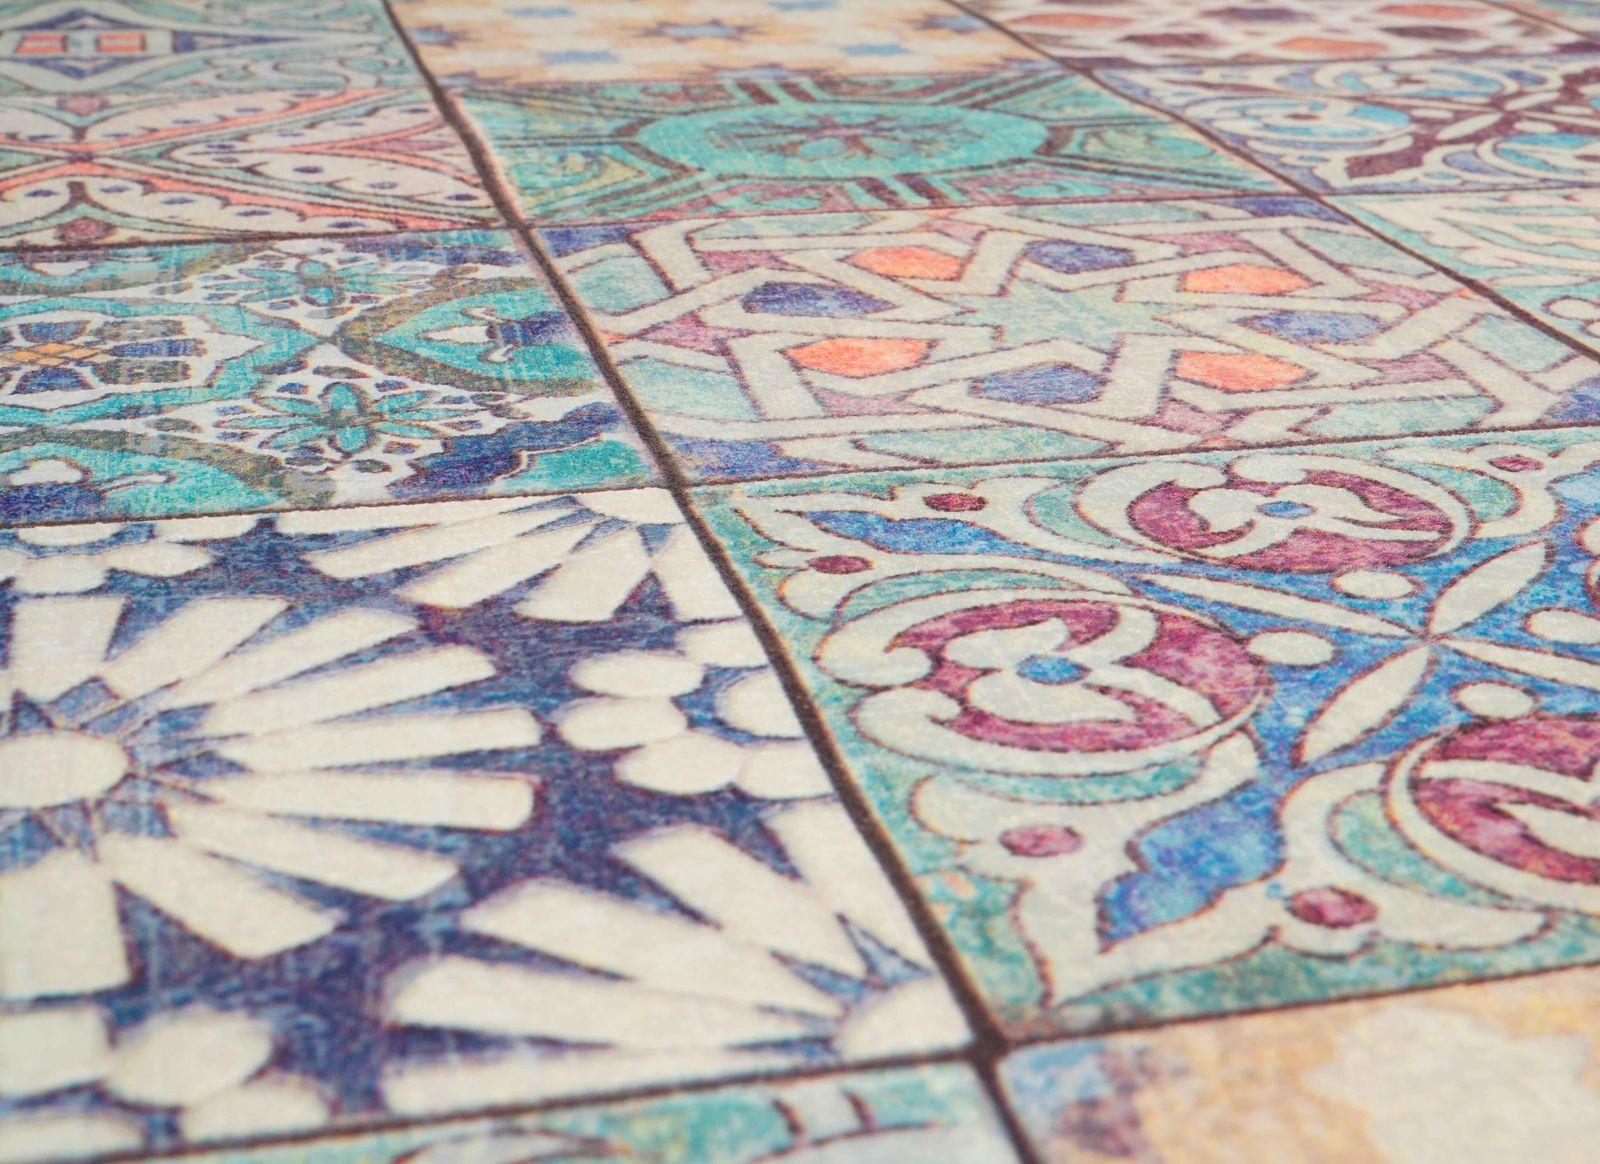 Full Size of Selbstklebende Fliesen Tapete Lila Bunt Panel 368401 Bad Kosten Bodengleiche Dusche Bodenfliesen Küche Renovieren Ohne Holzfliesen Wandfliesen Badezimmer Wohnzimmer Selbstklebende Fliesen